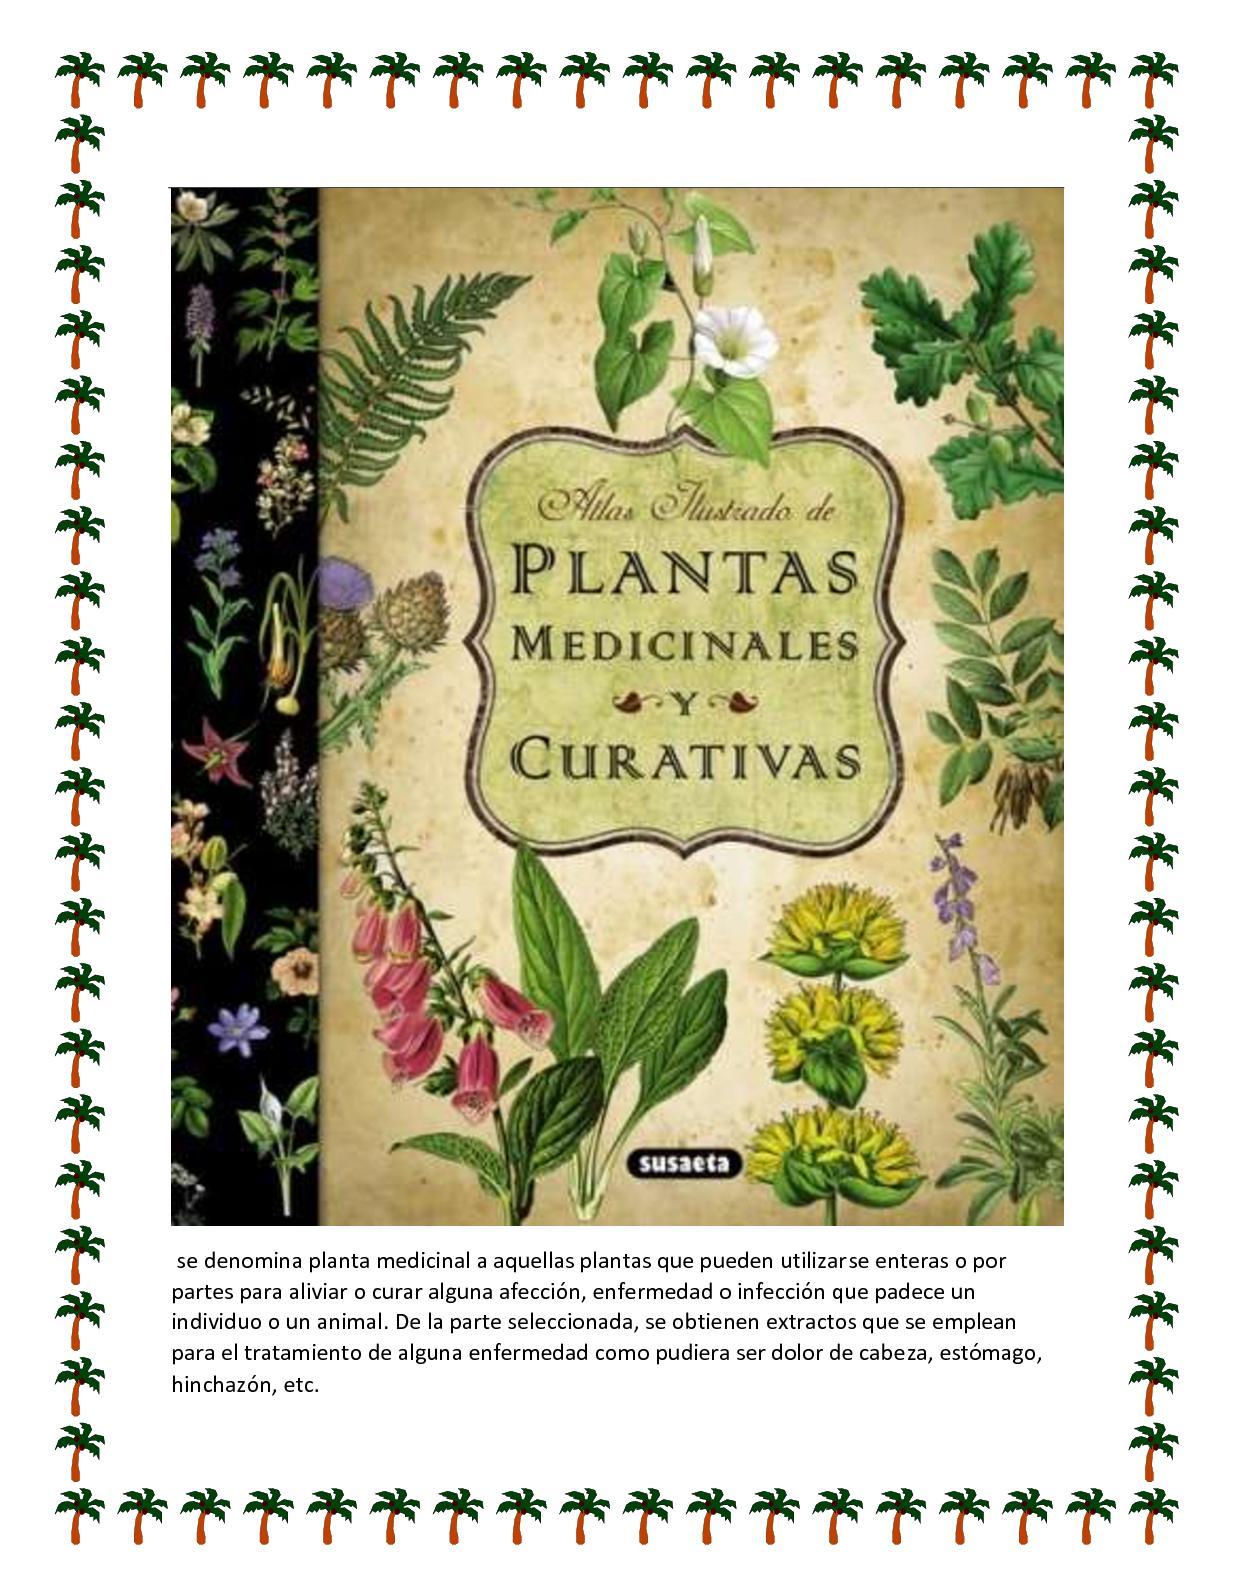 como curar dolor de estomago con plantas medicinales